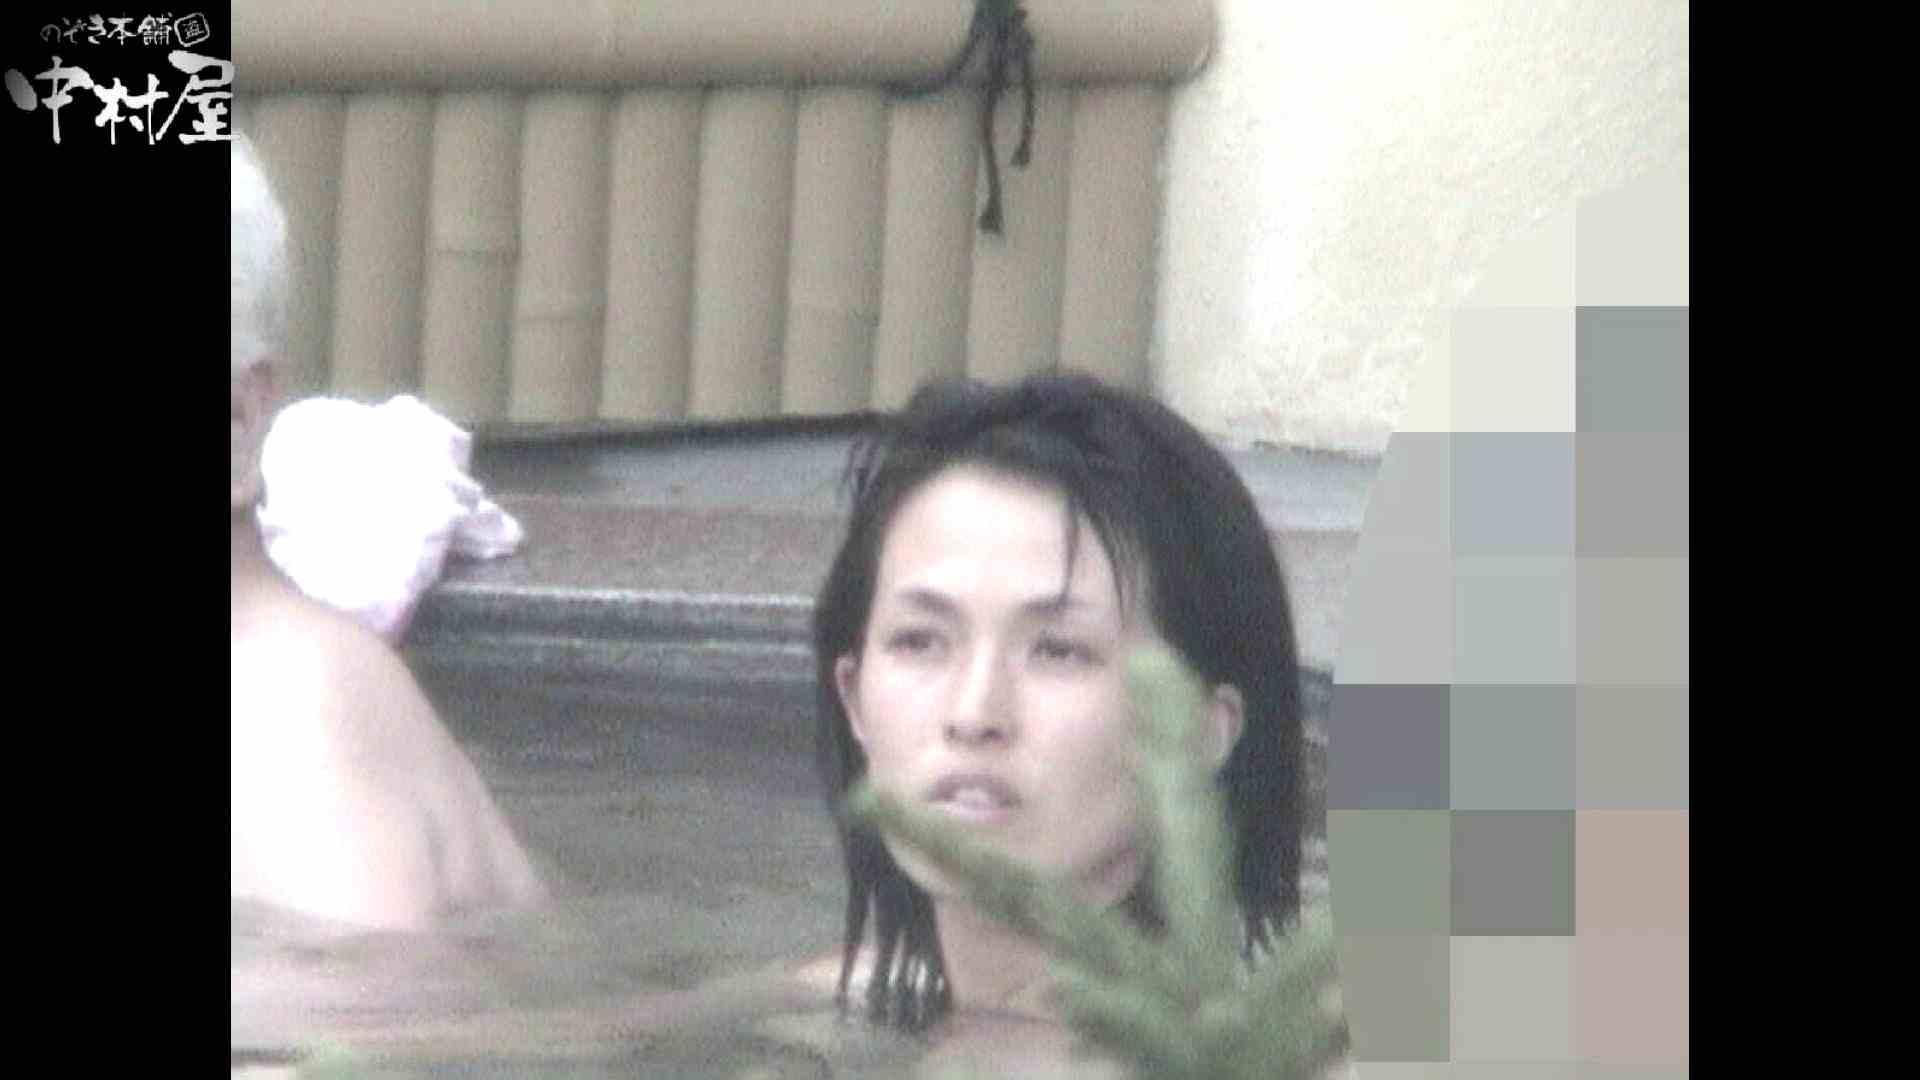 Aquaな露天風呂Vol.933 OLエロ画像  78PICs 9